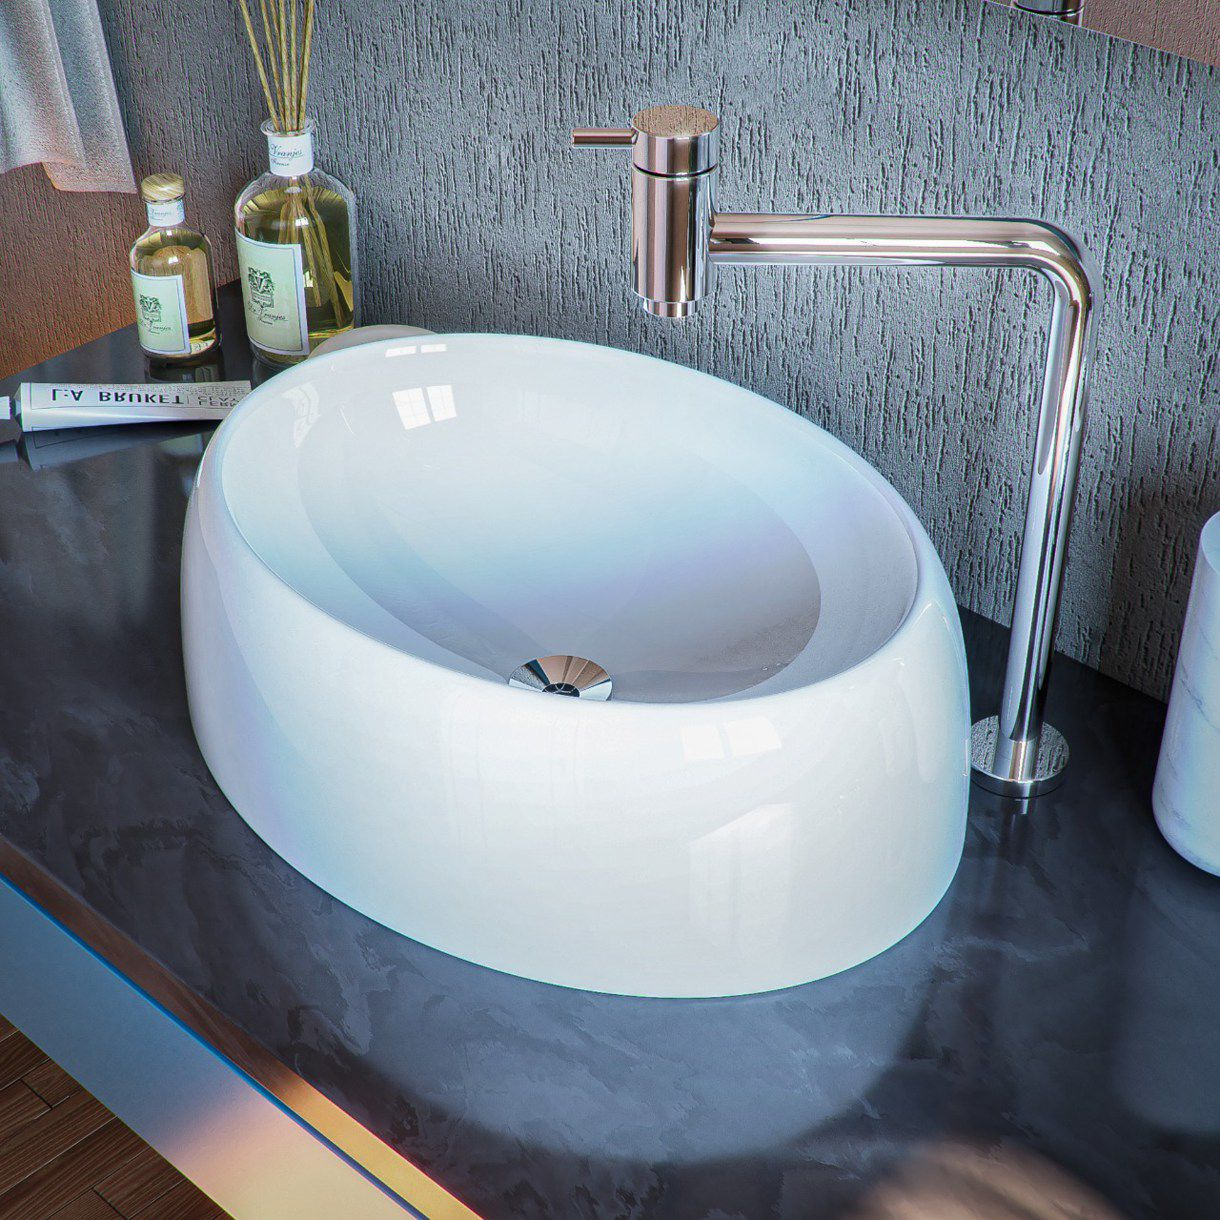 Cuba de Apoio para Banheiro e Lavabo Modelo Oval Branca